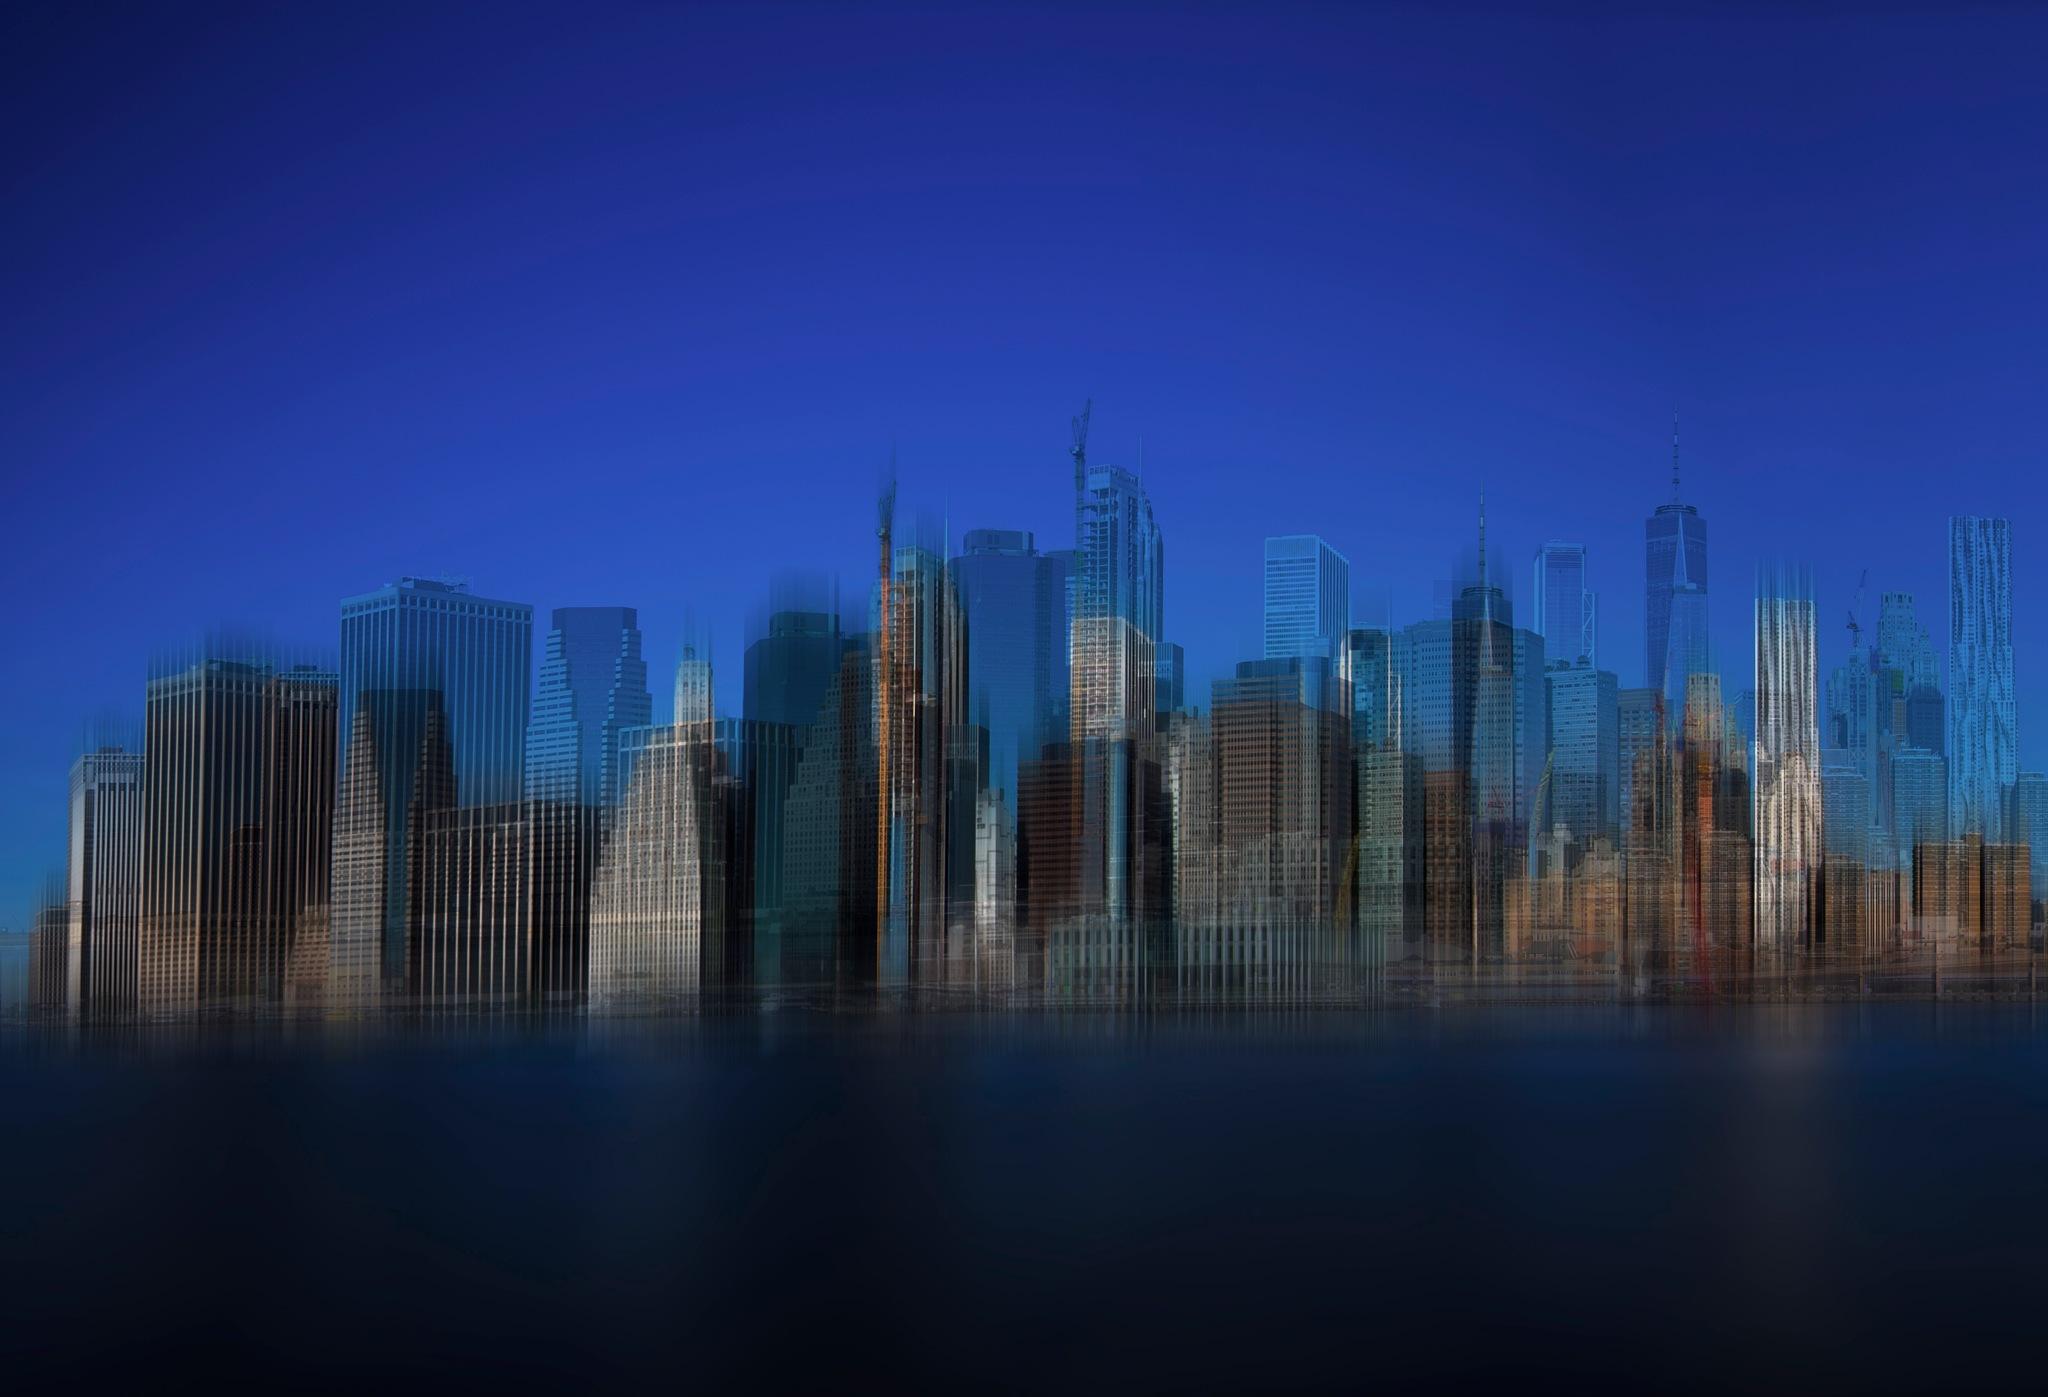 NY skyline fantasia by Ahmed Thabet